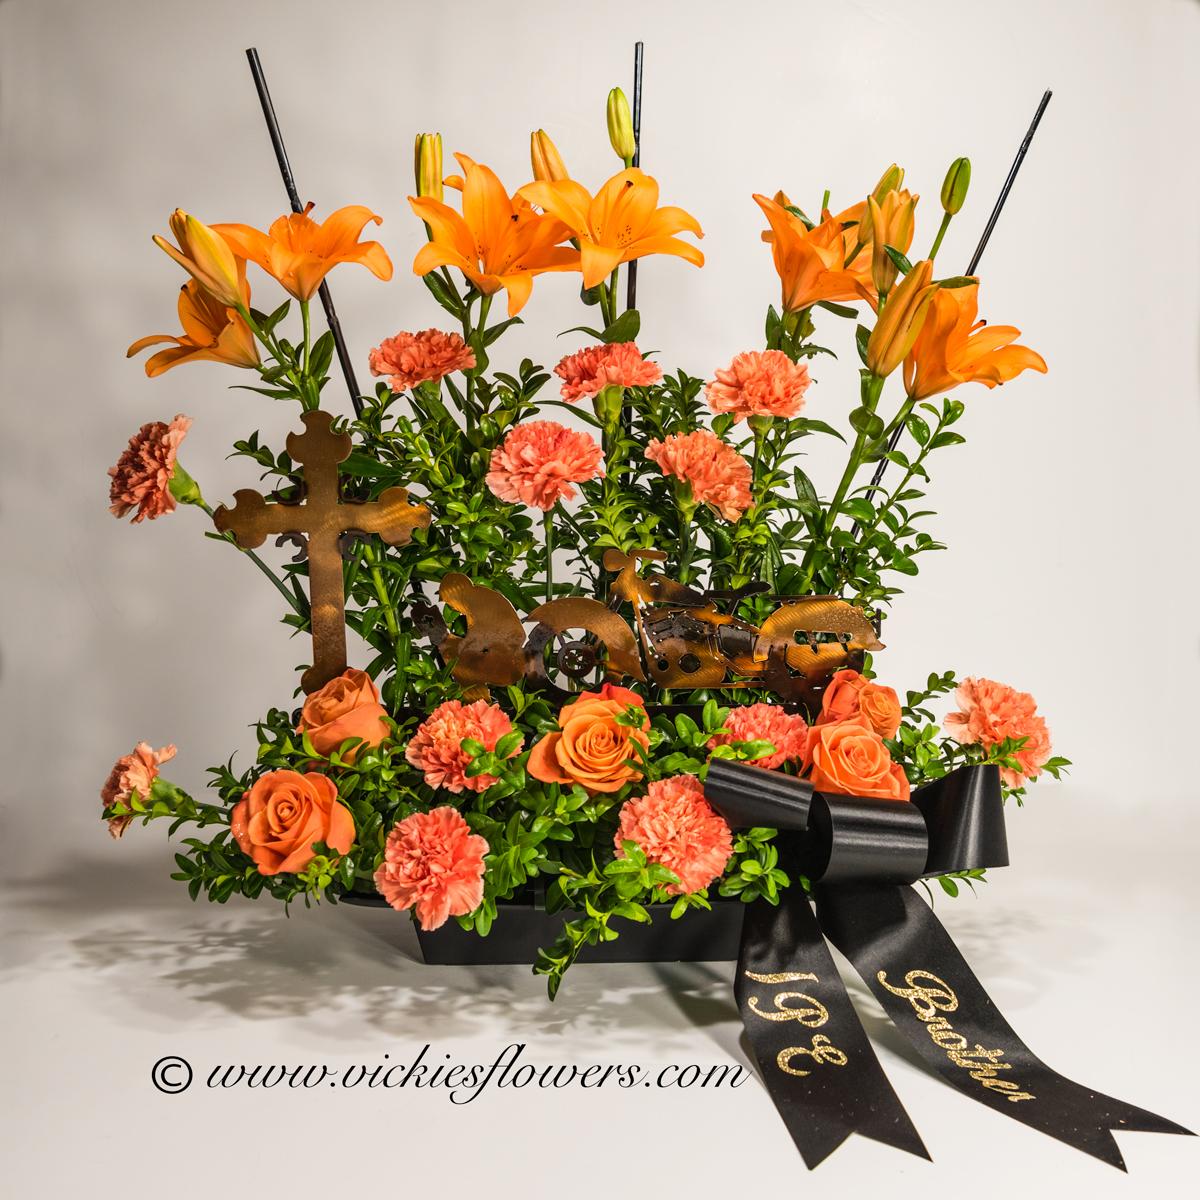 Broncos Harley Funeral Flowers Vickies Flowers Brighton Co Florist